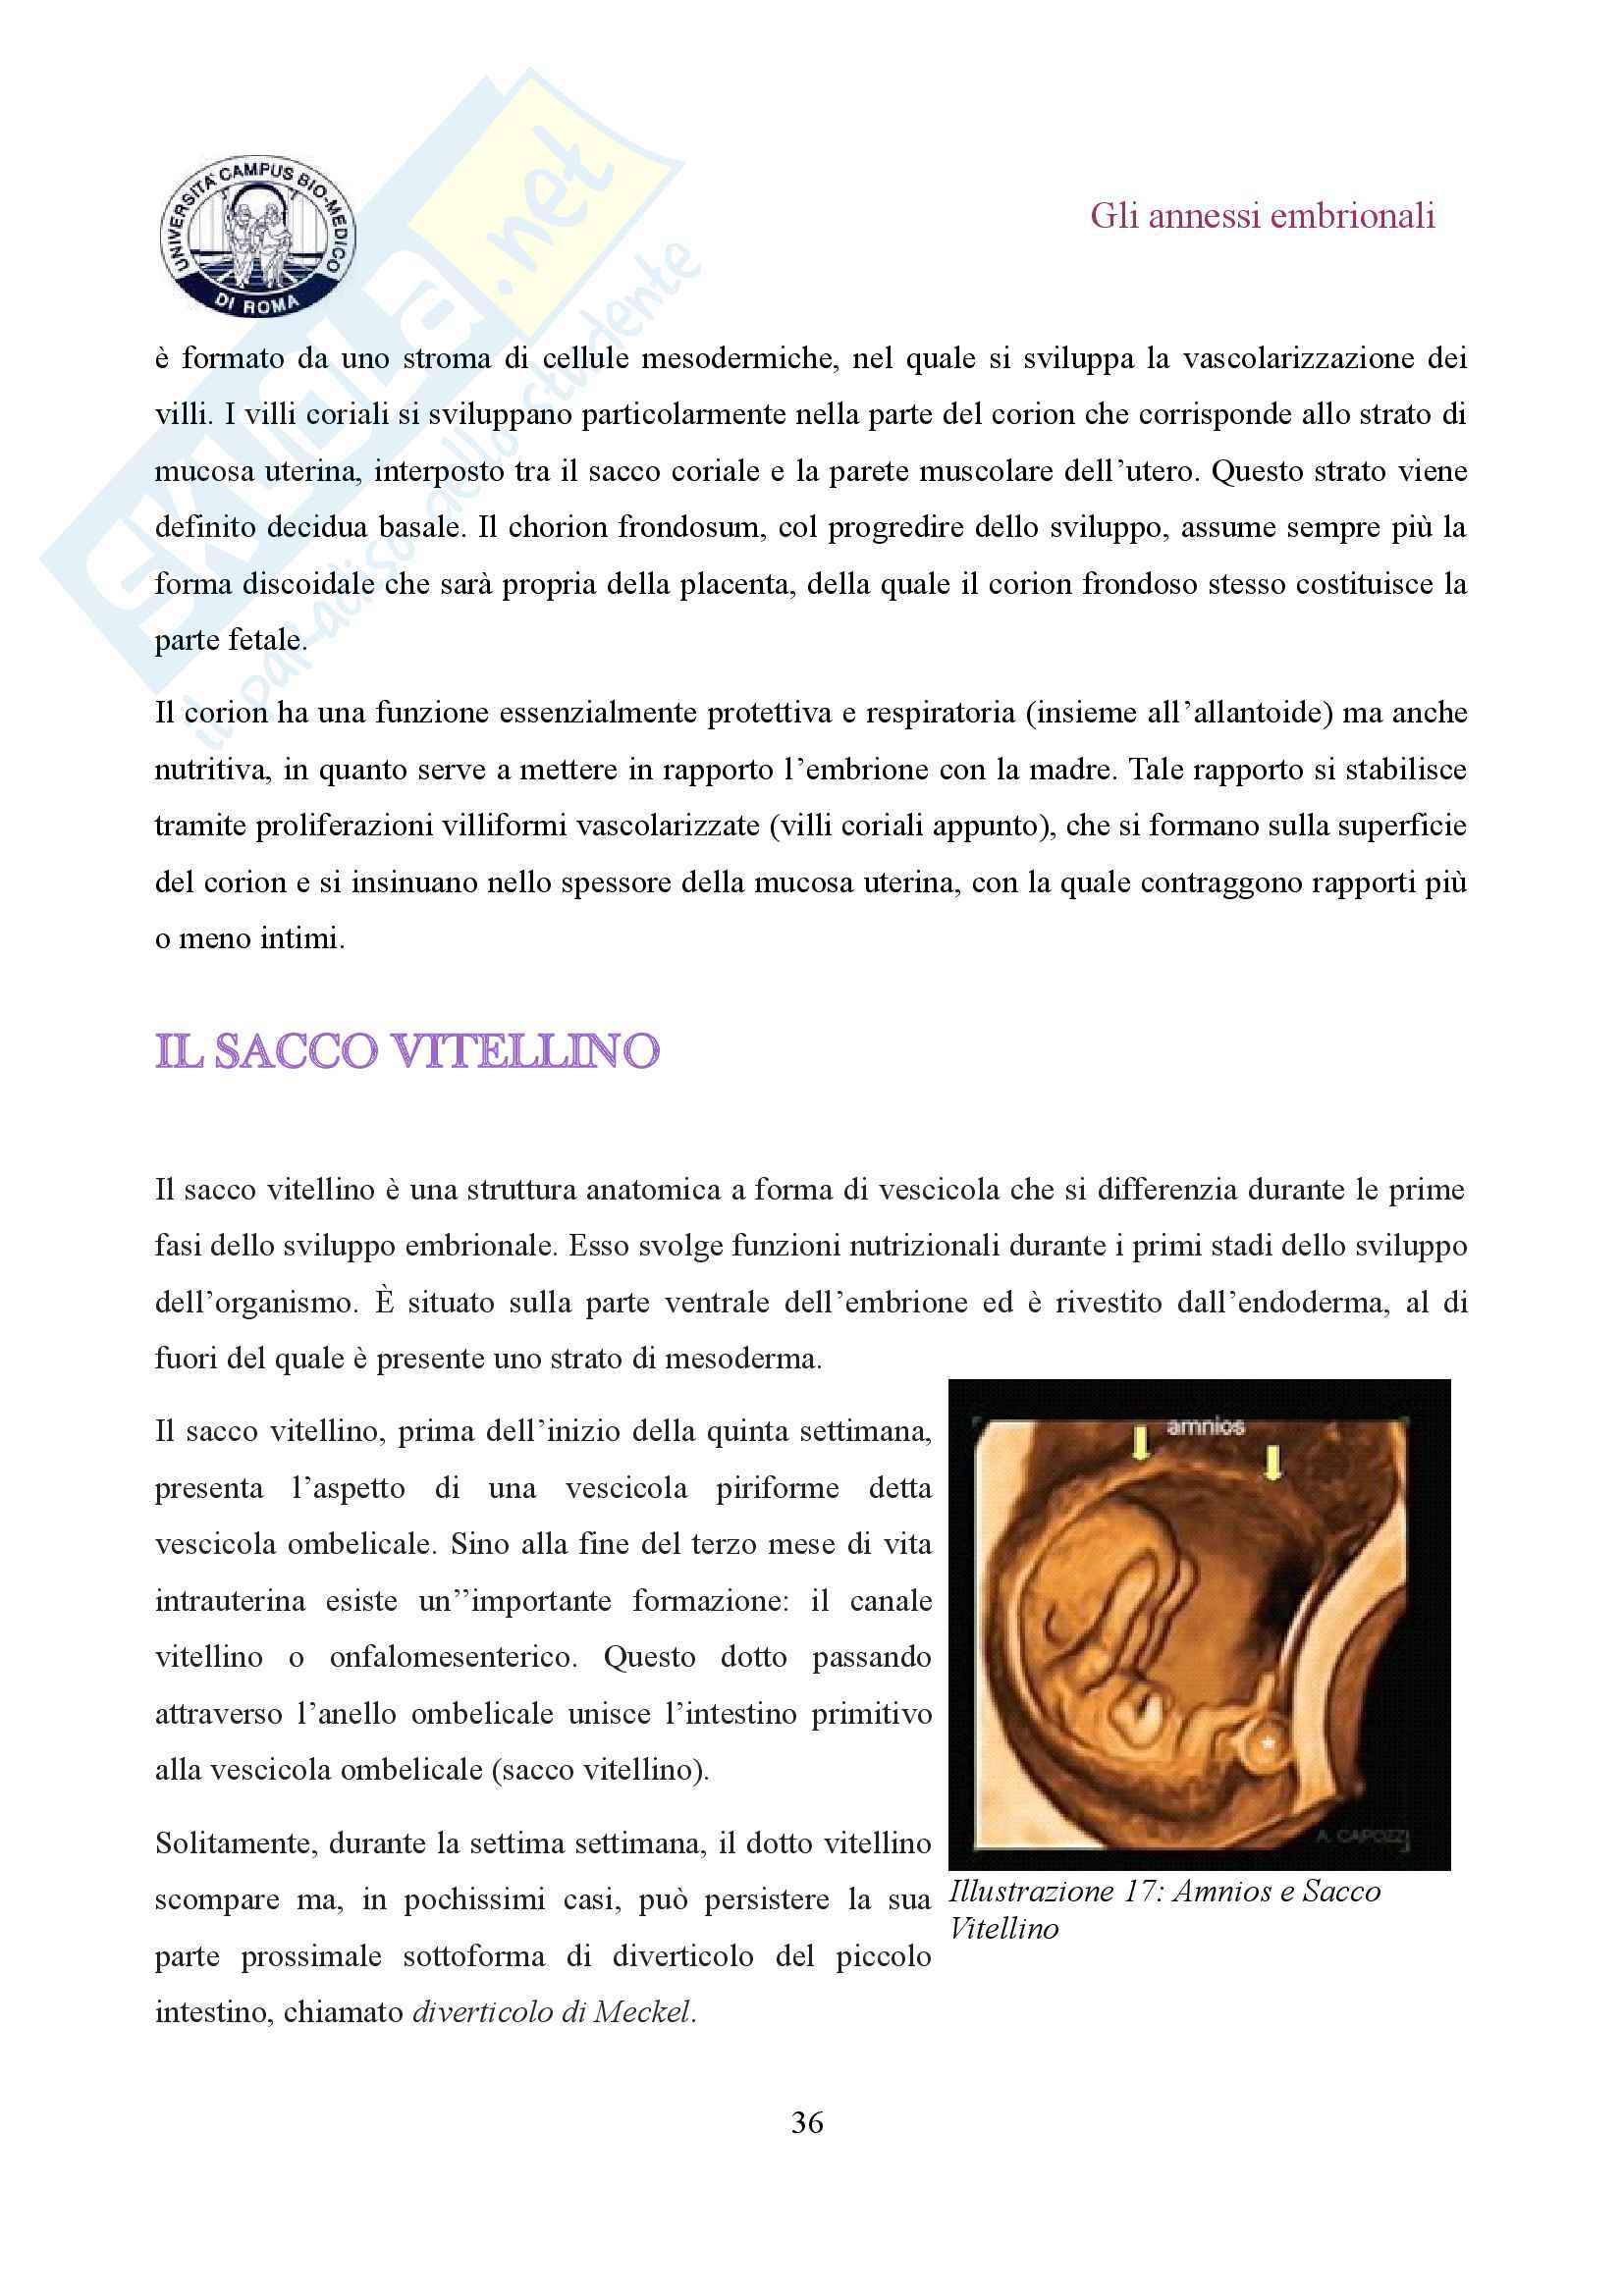 Gli annessi embrionali Pag. 36